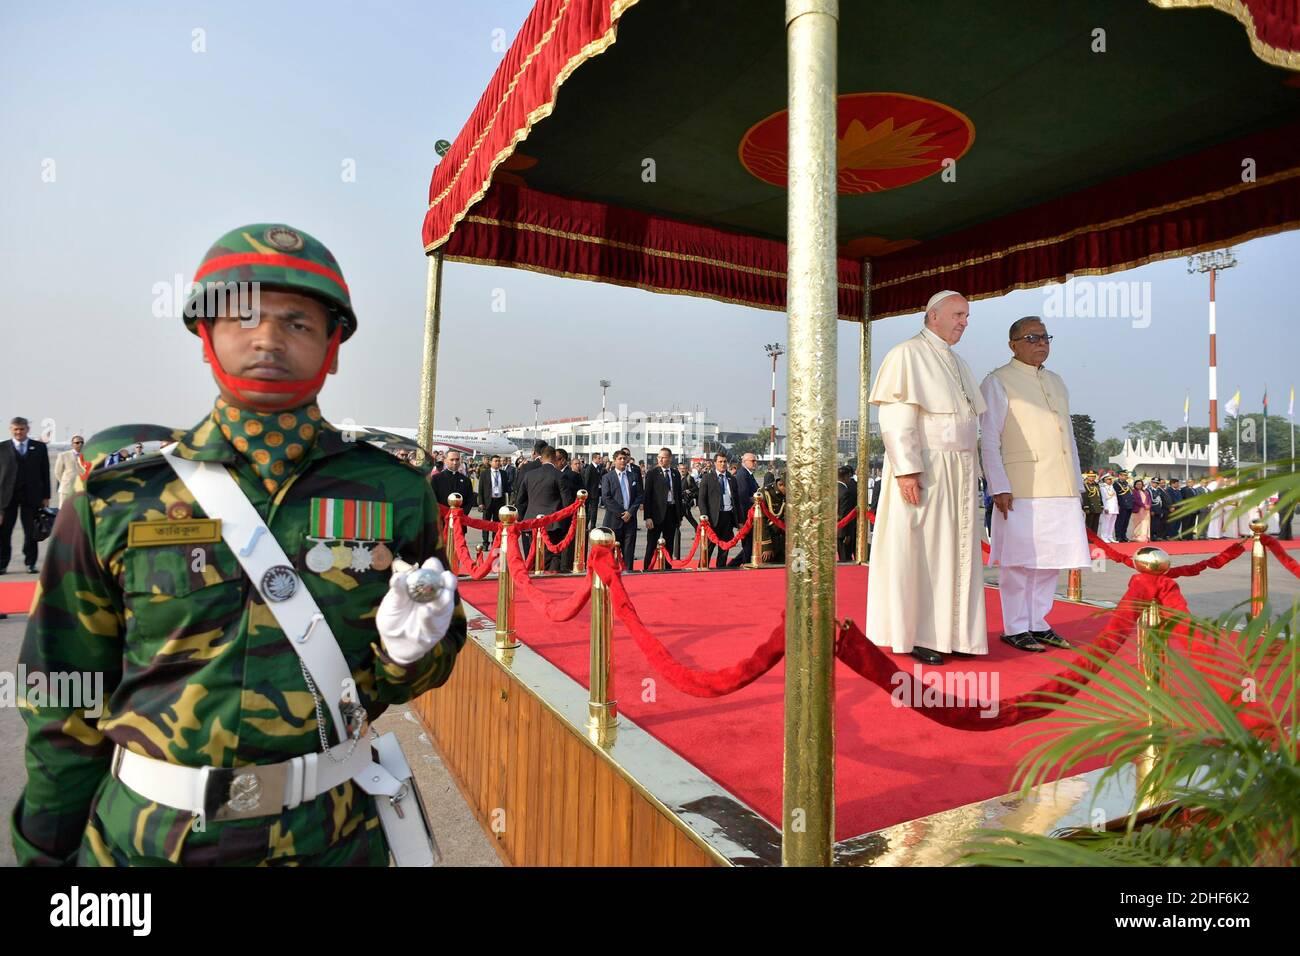 Le pape François est accueilli par le président du Bangladesh, Abdul Hamid, après son arrivée à Dhaka, au Bangladesh, pour la deuxième étape de son voyage de six jours en Asie, le 30 novembre 2017. La visite du Pape François au Myanmar et au Bangladesh se déroule du 27 novembre au 02 décembre 2017. Photo par ABACAPRESS.COM Banque D'Images